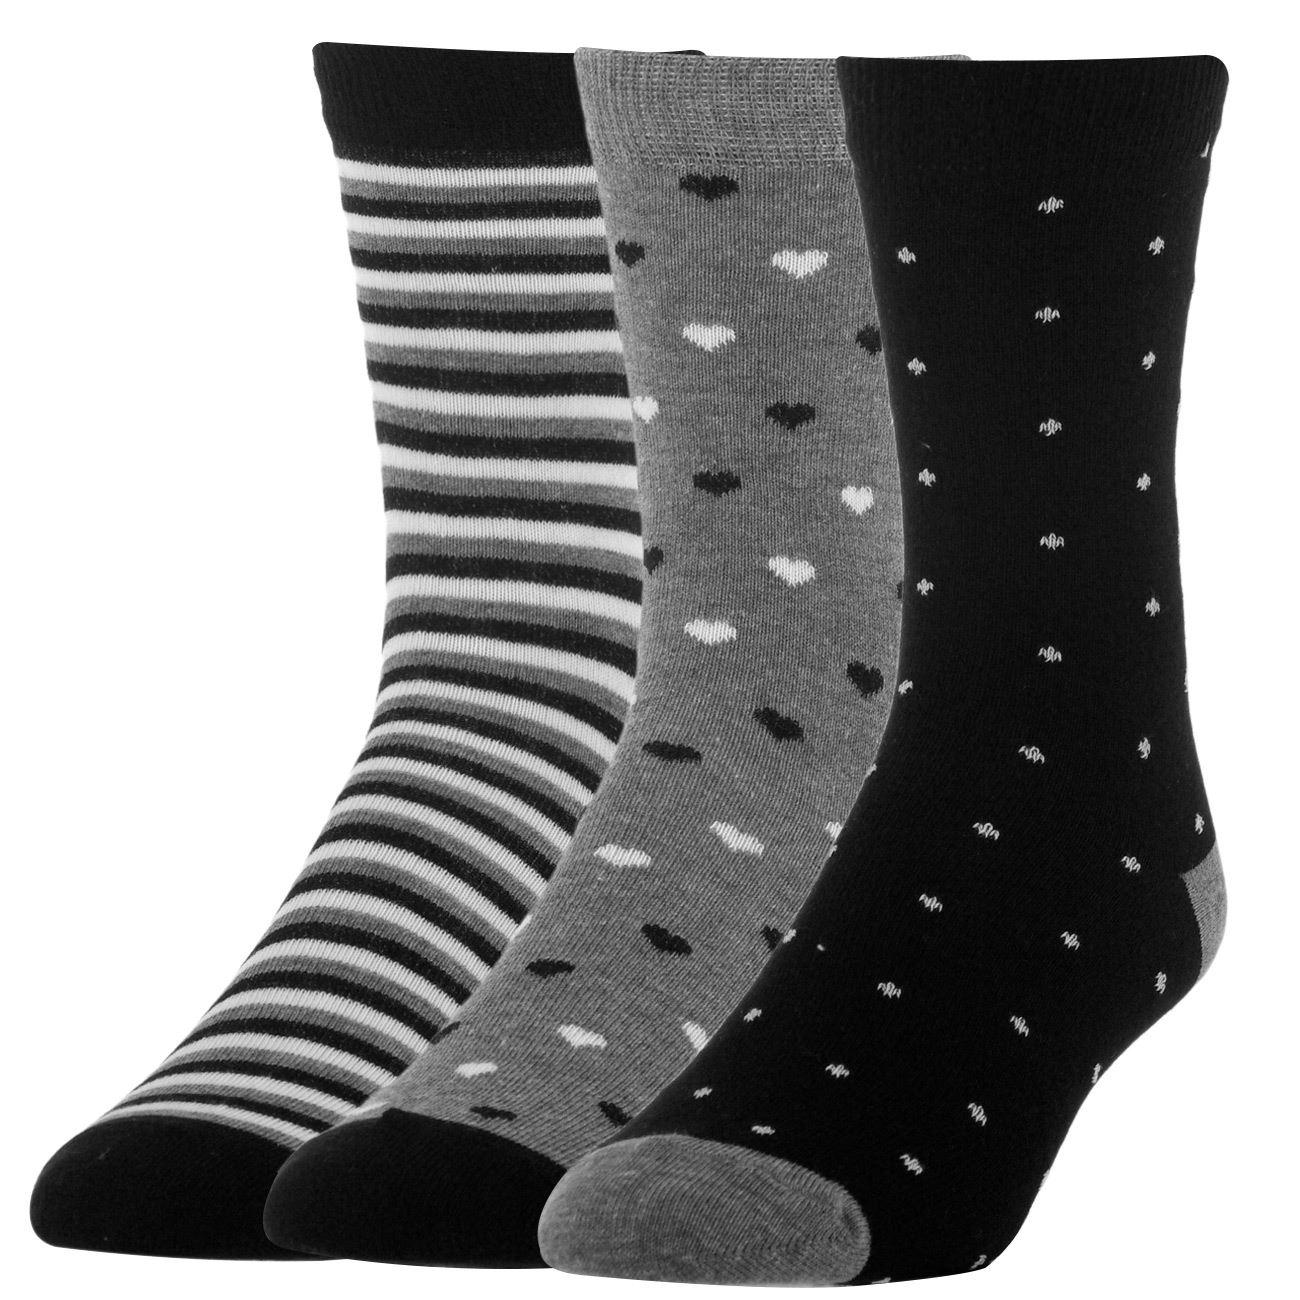 Κάλτσες Γυναικείες - 3 ζευγ.   Κάλτσες Γυναικείες Πακέτο με Σχέδια ... 5d05f6665f5